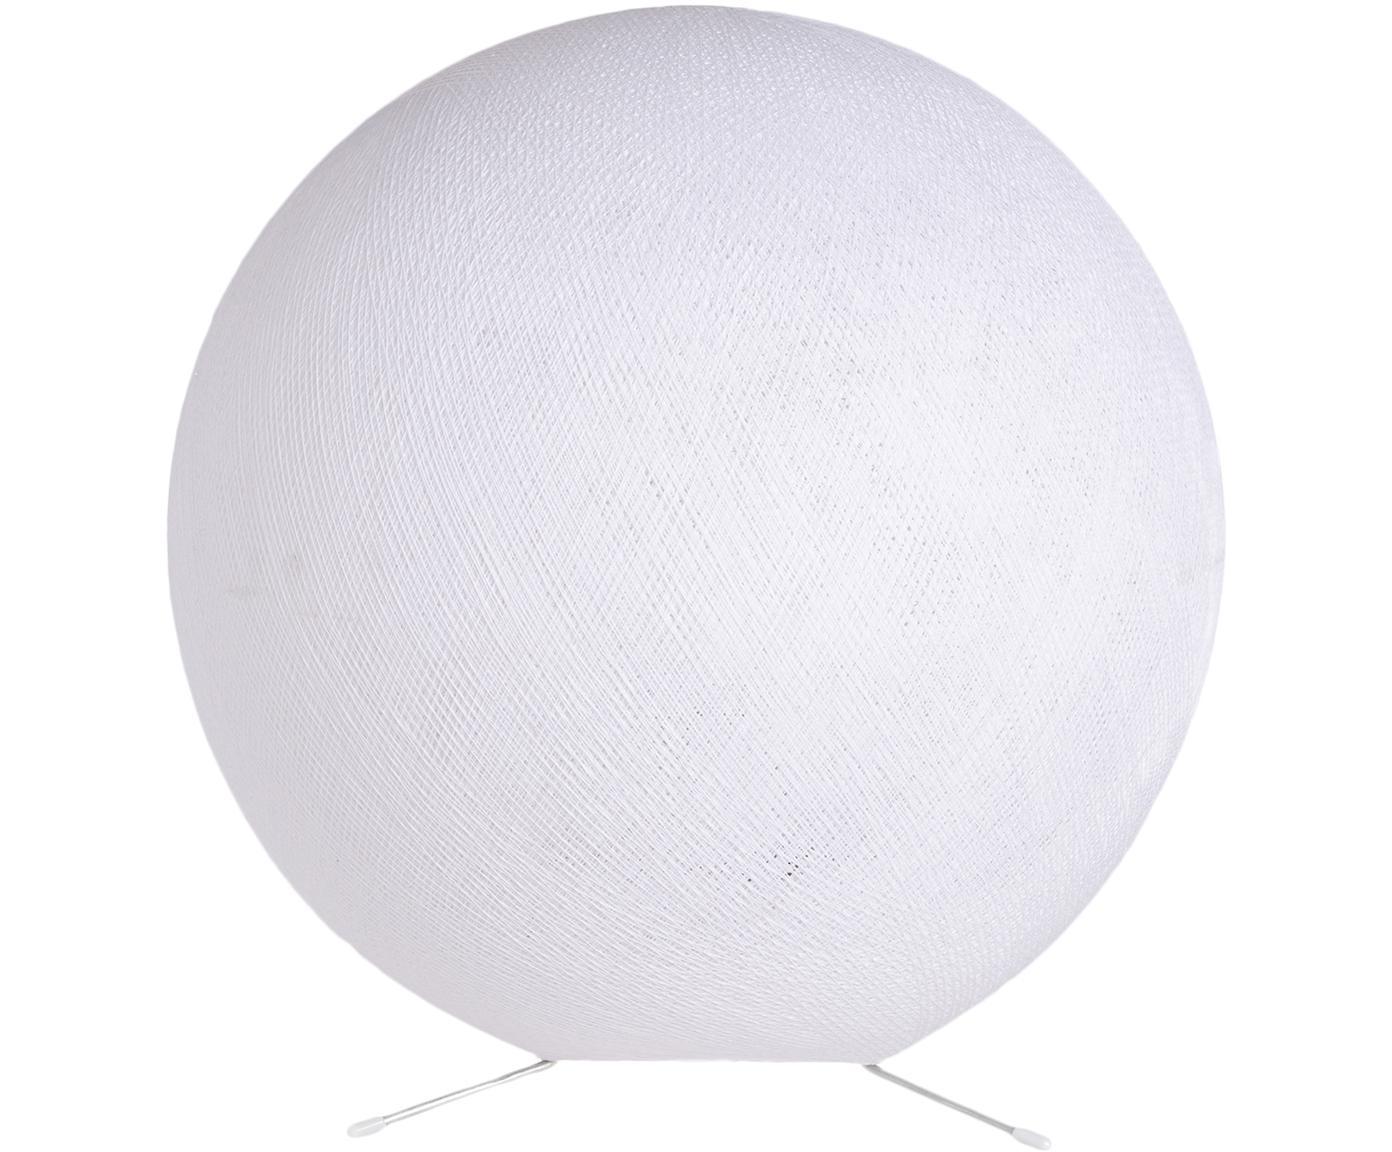 Tafellamp Colorain, Lampions: polyester, Beugel: metaal, Wit, Ø 36 cm